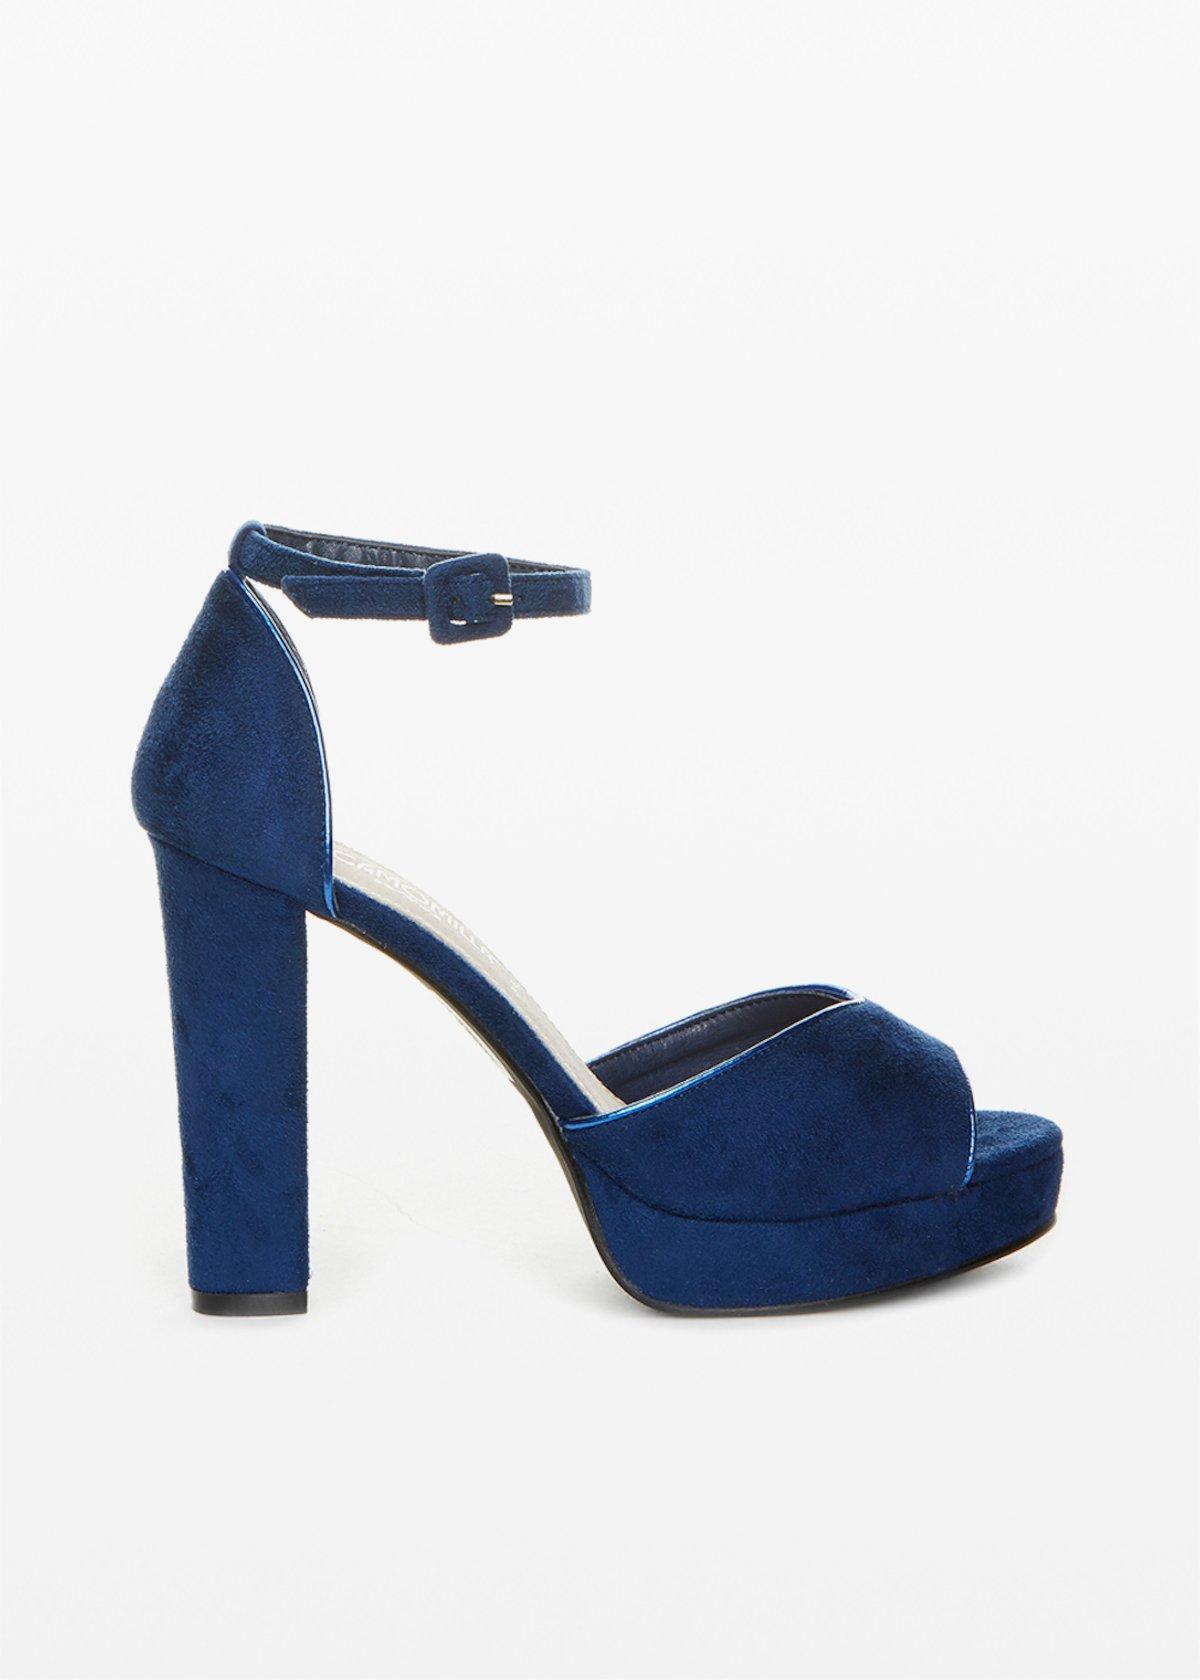 Sandali Sandra in microfibra con piping metal - Medium Blue - Donna - Immagine categoria